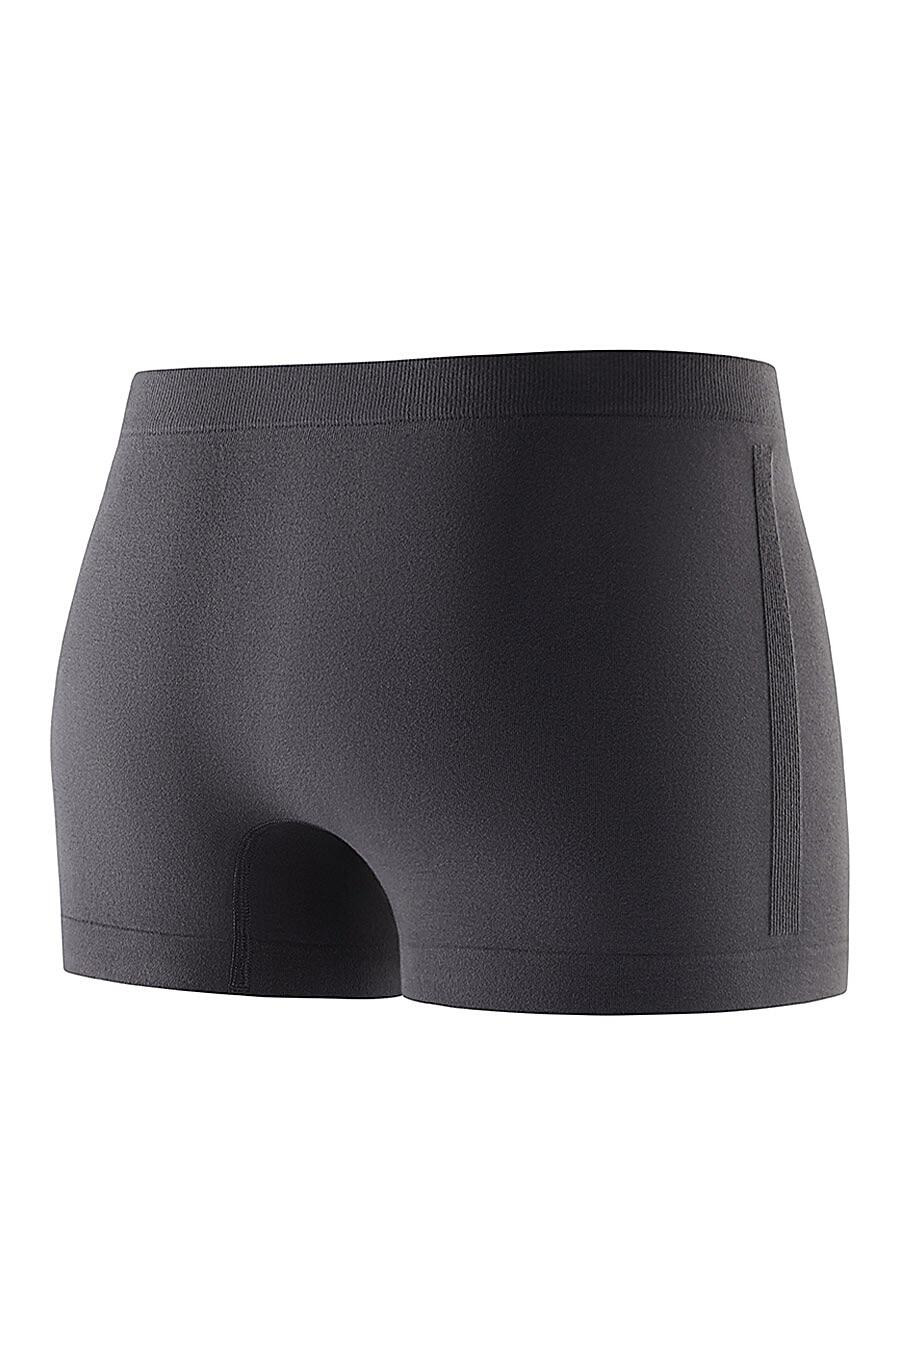 Трусы для мужчин TEKSA 218705 купить оптом от производителя. Совместная покупка мужской одежды в OptMoyo